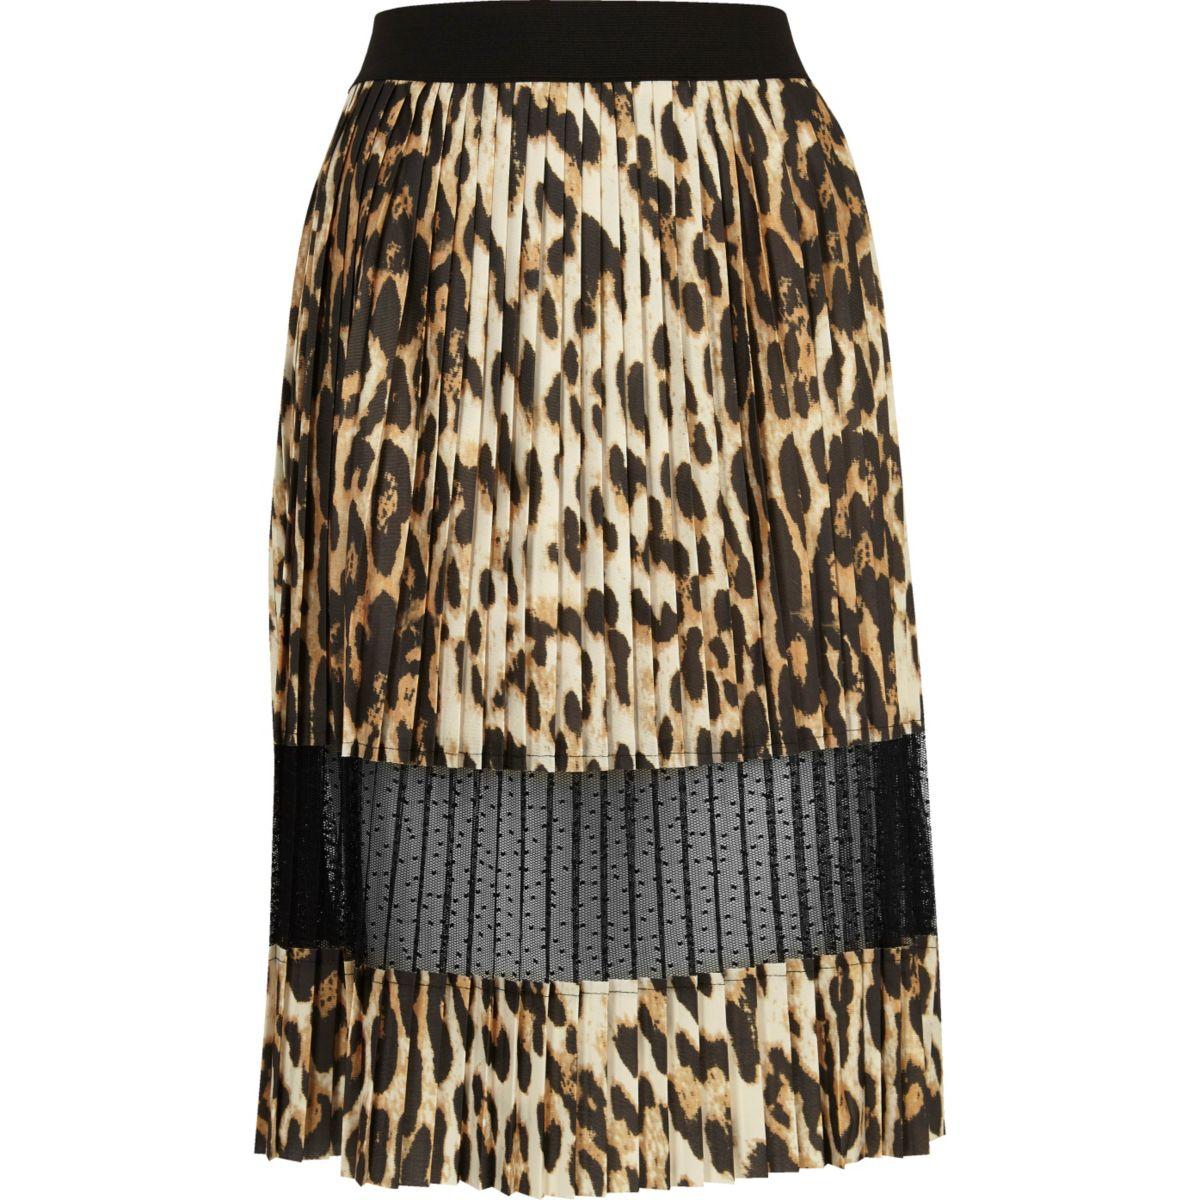 Jupe mi-longue à empiècement en dentelle imprimé léopard marron